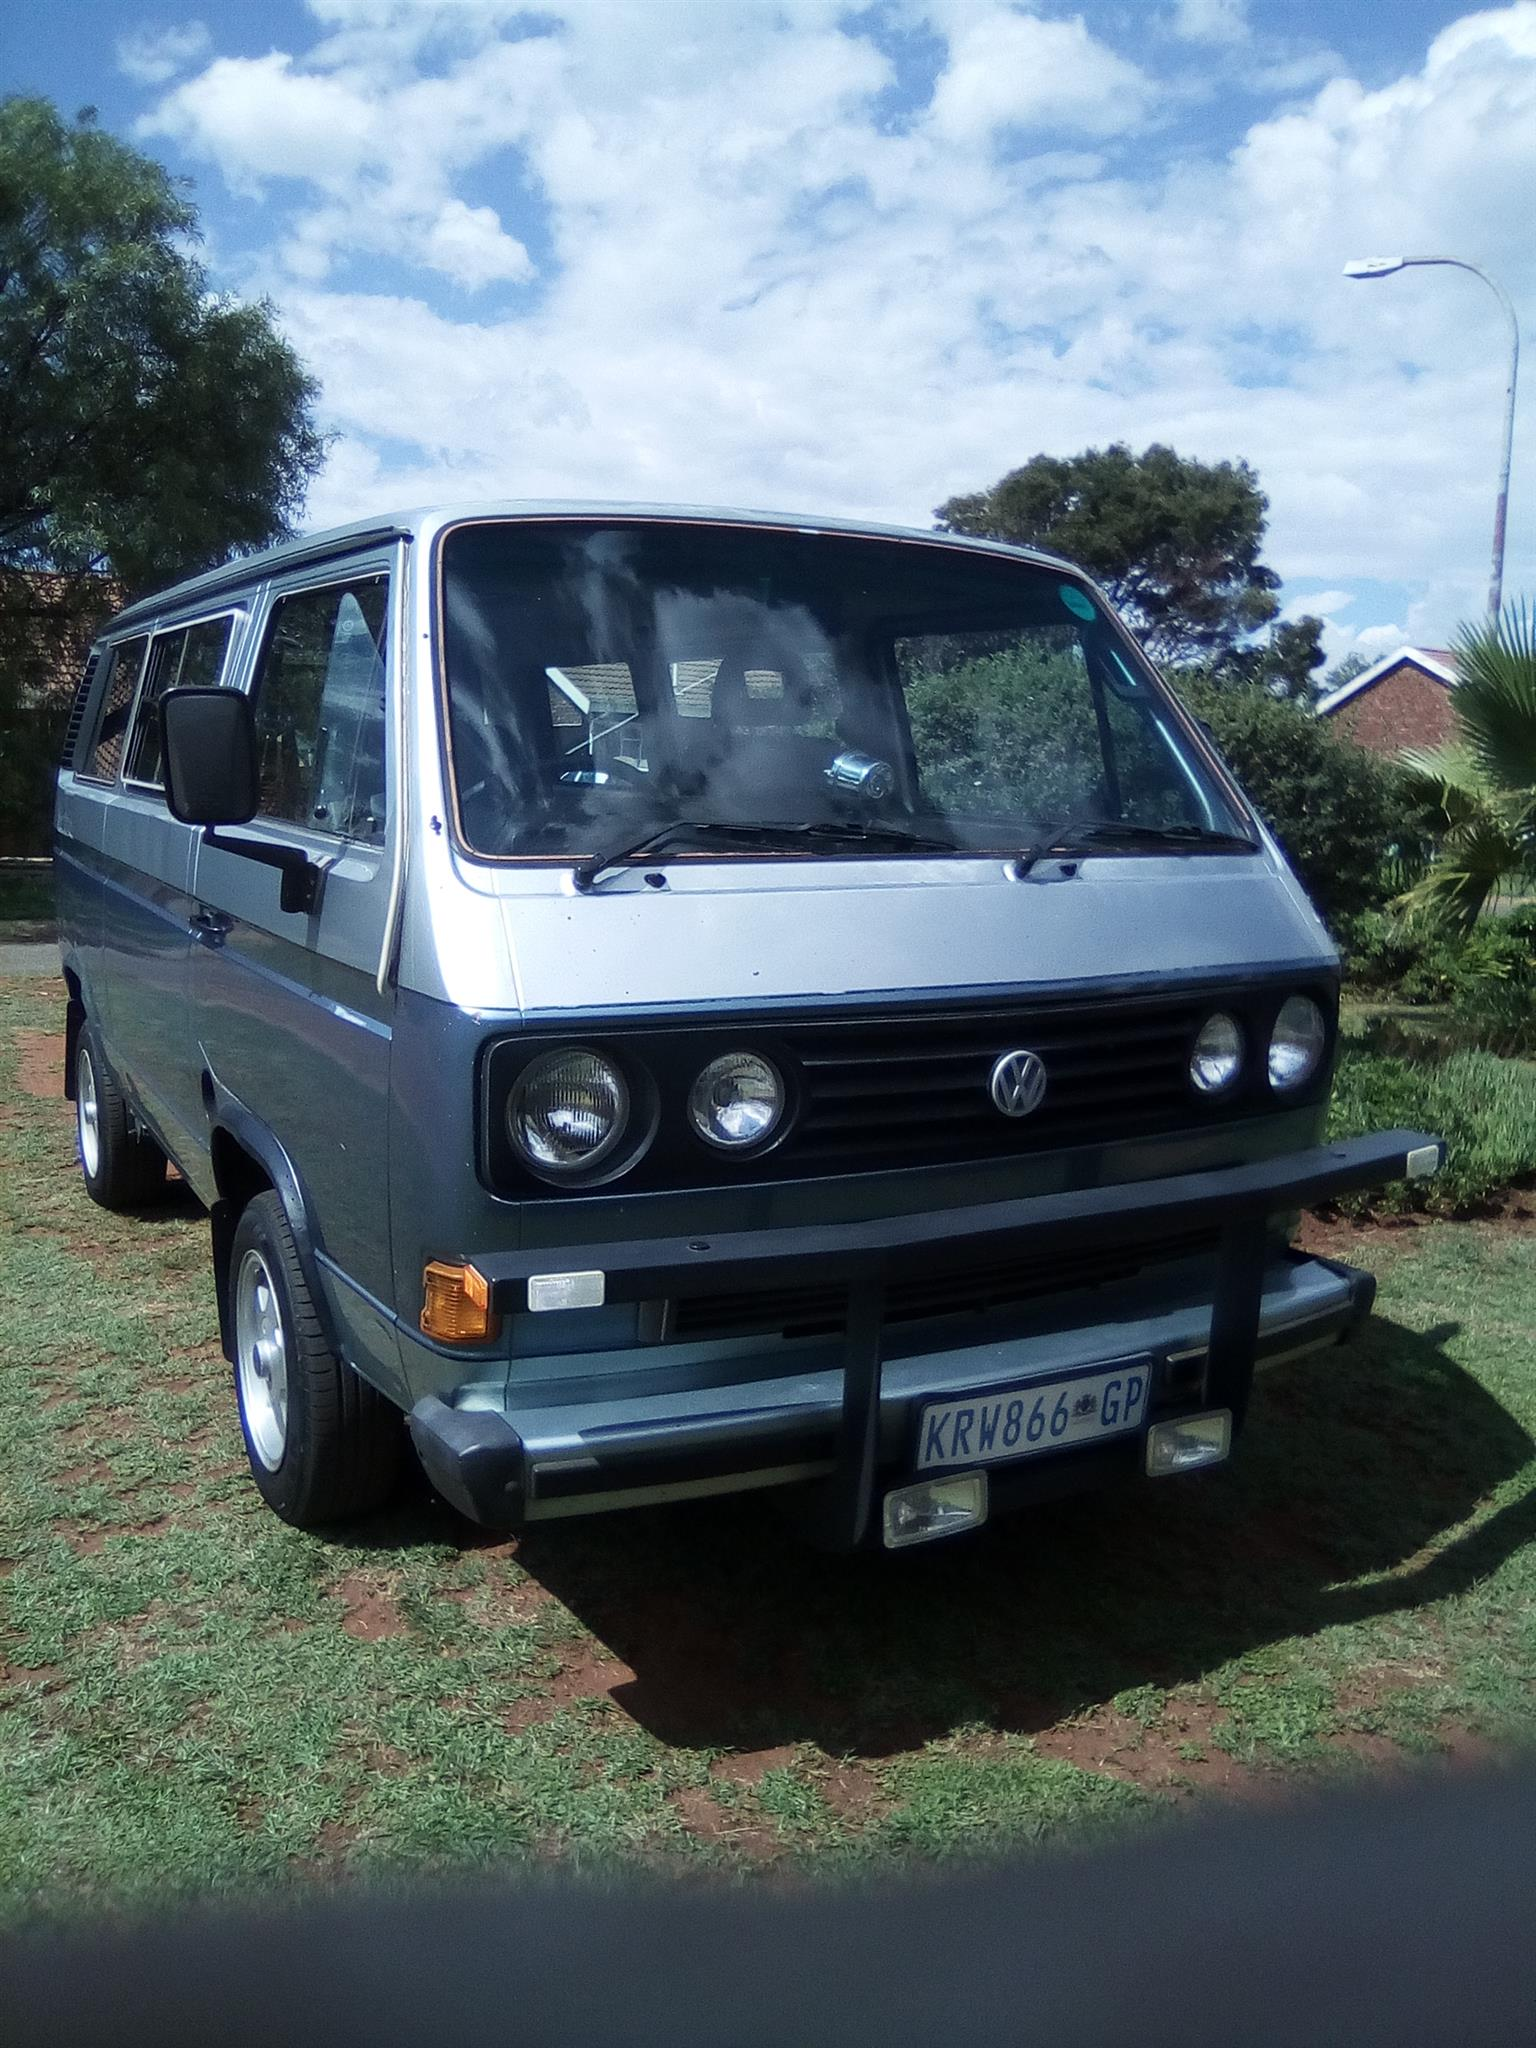 1989 VW Kombi 2.0TDI 103kW LWB